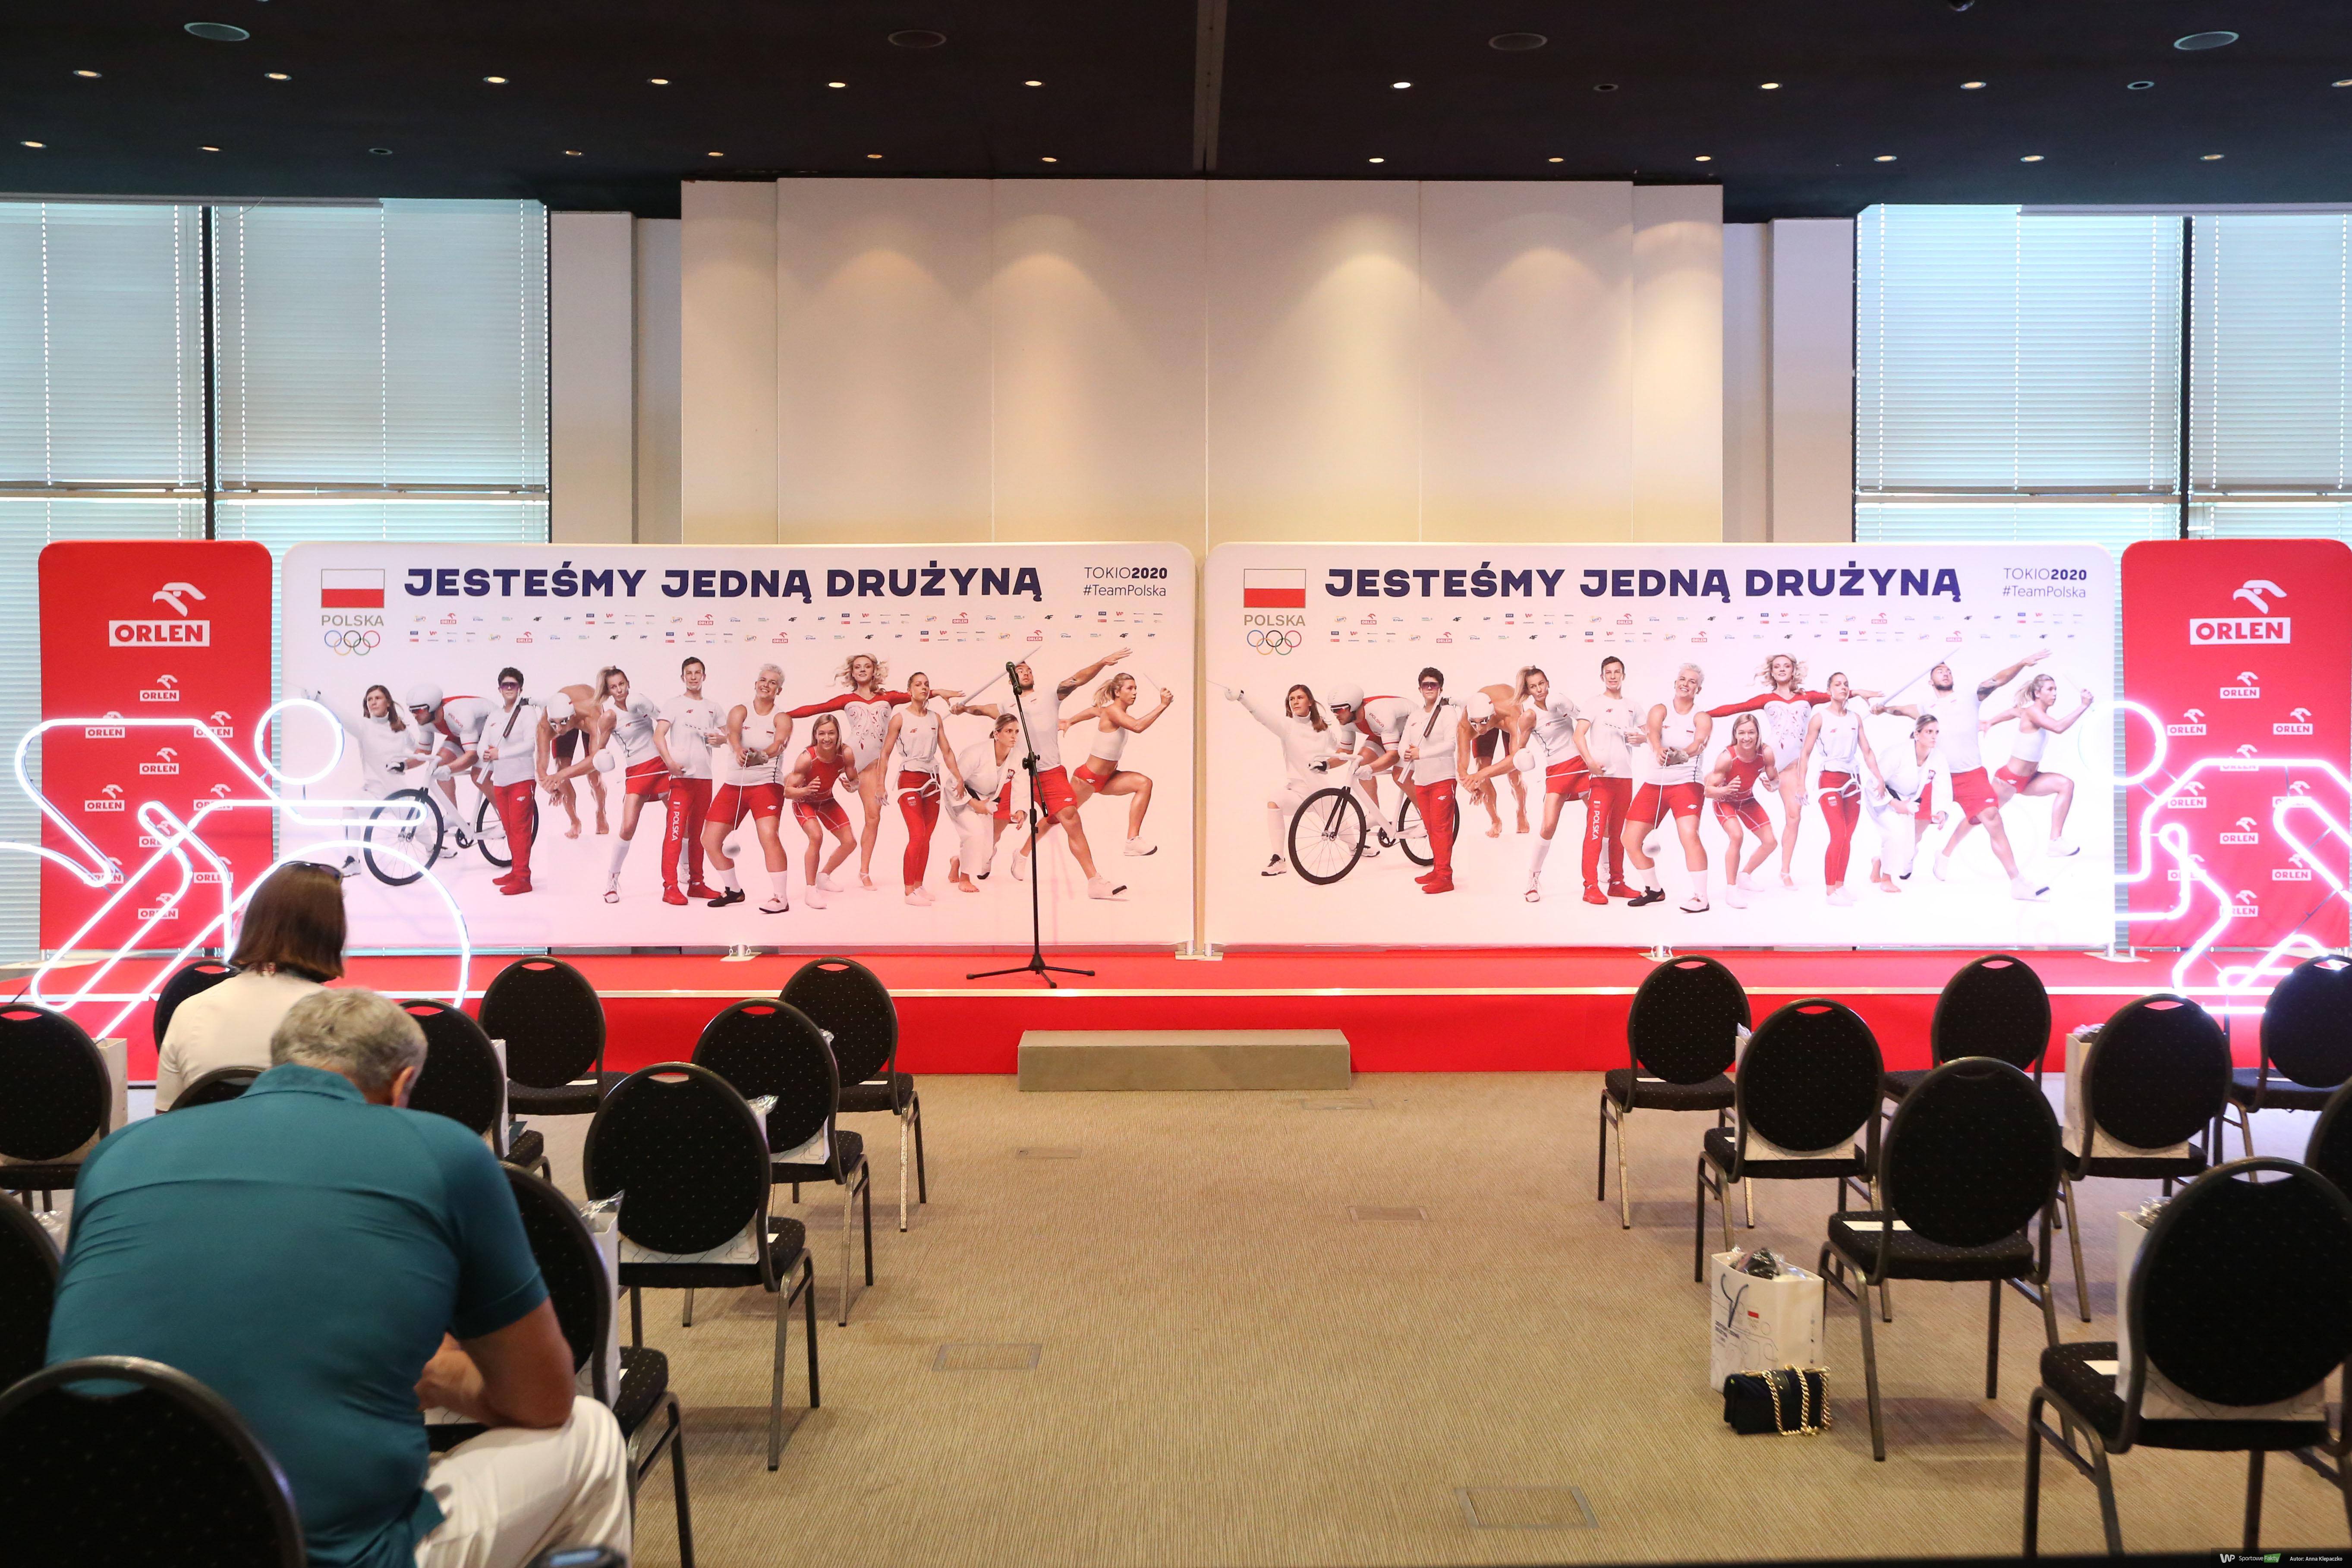 Ślubowanie olimpijskie Tokio 2020 - 7 lipca 2021 (galeria)